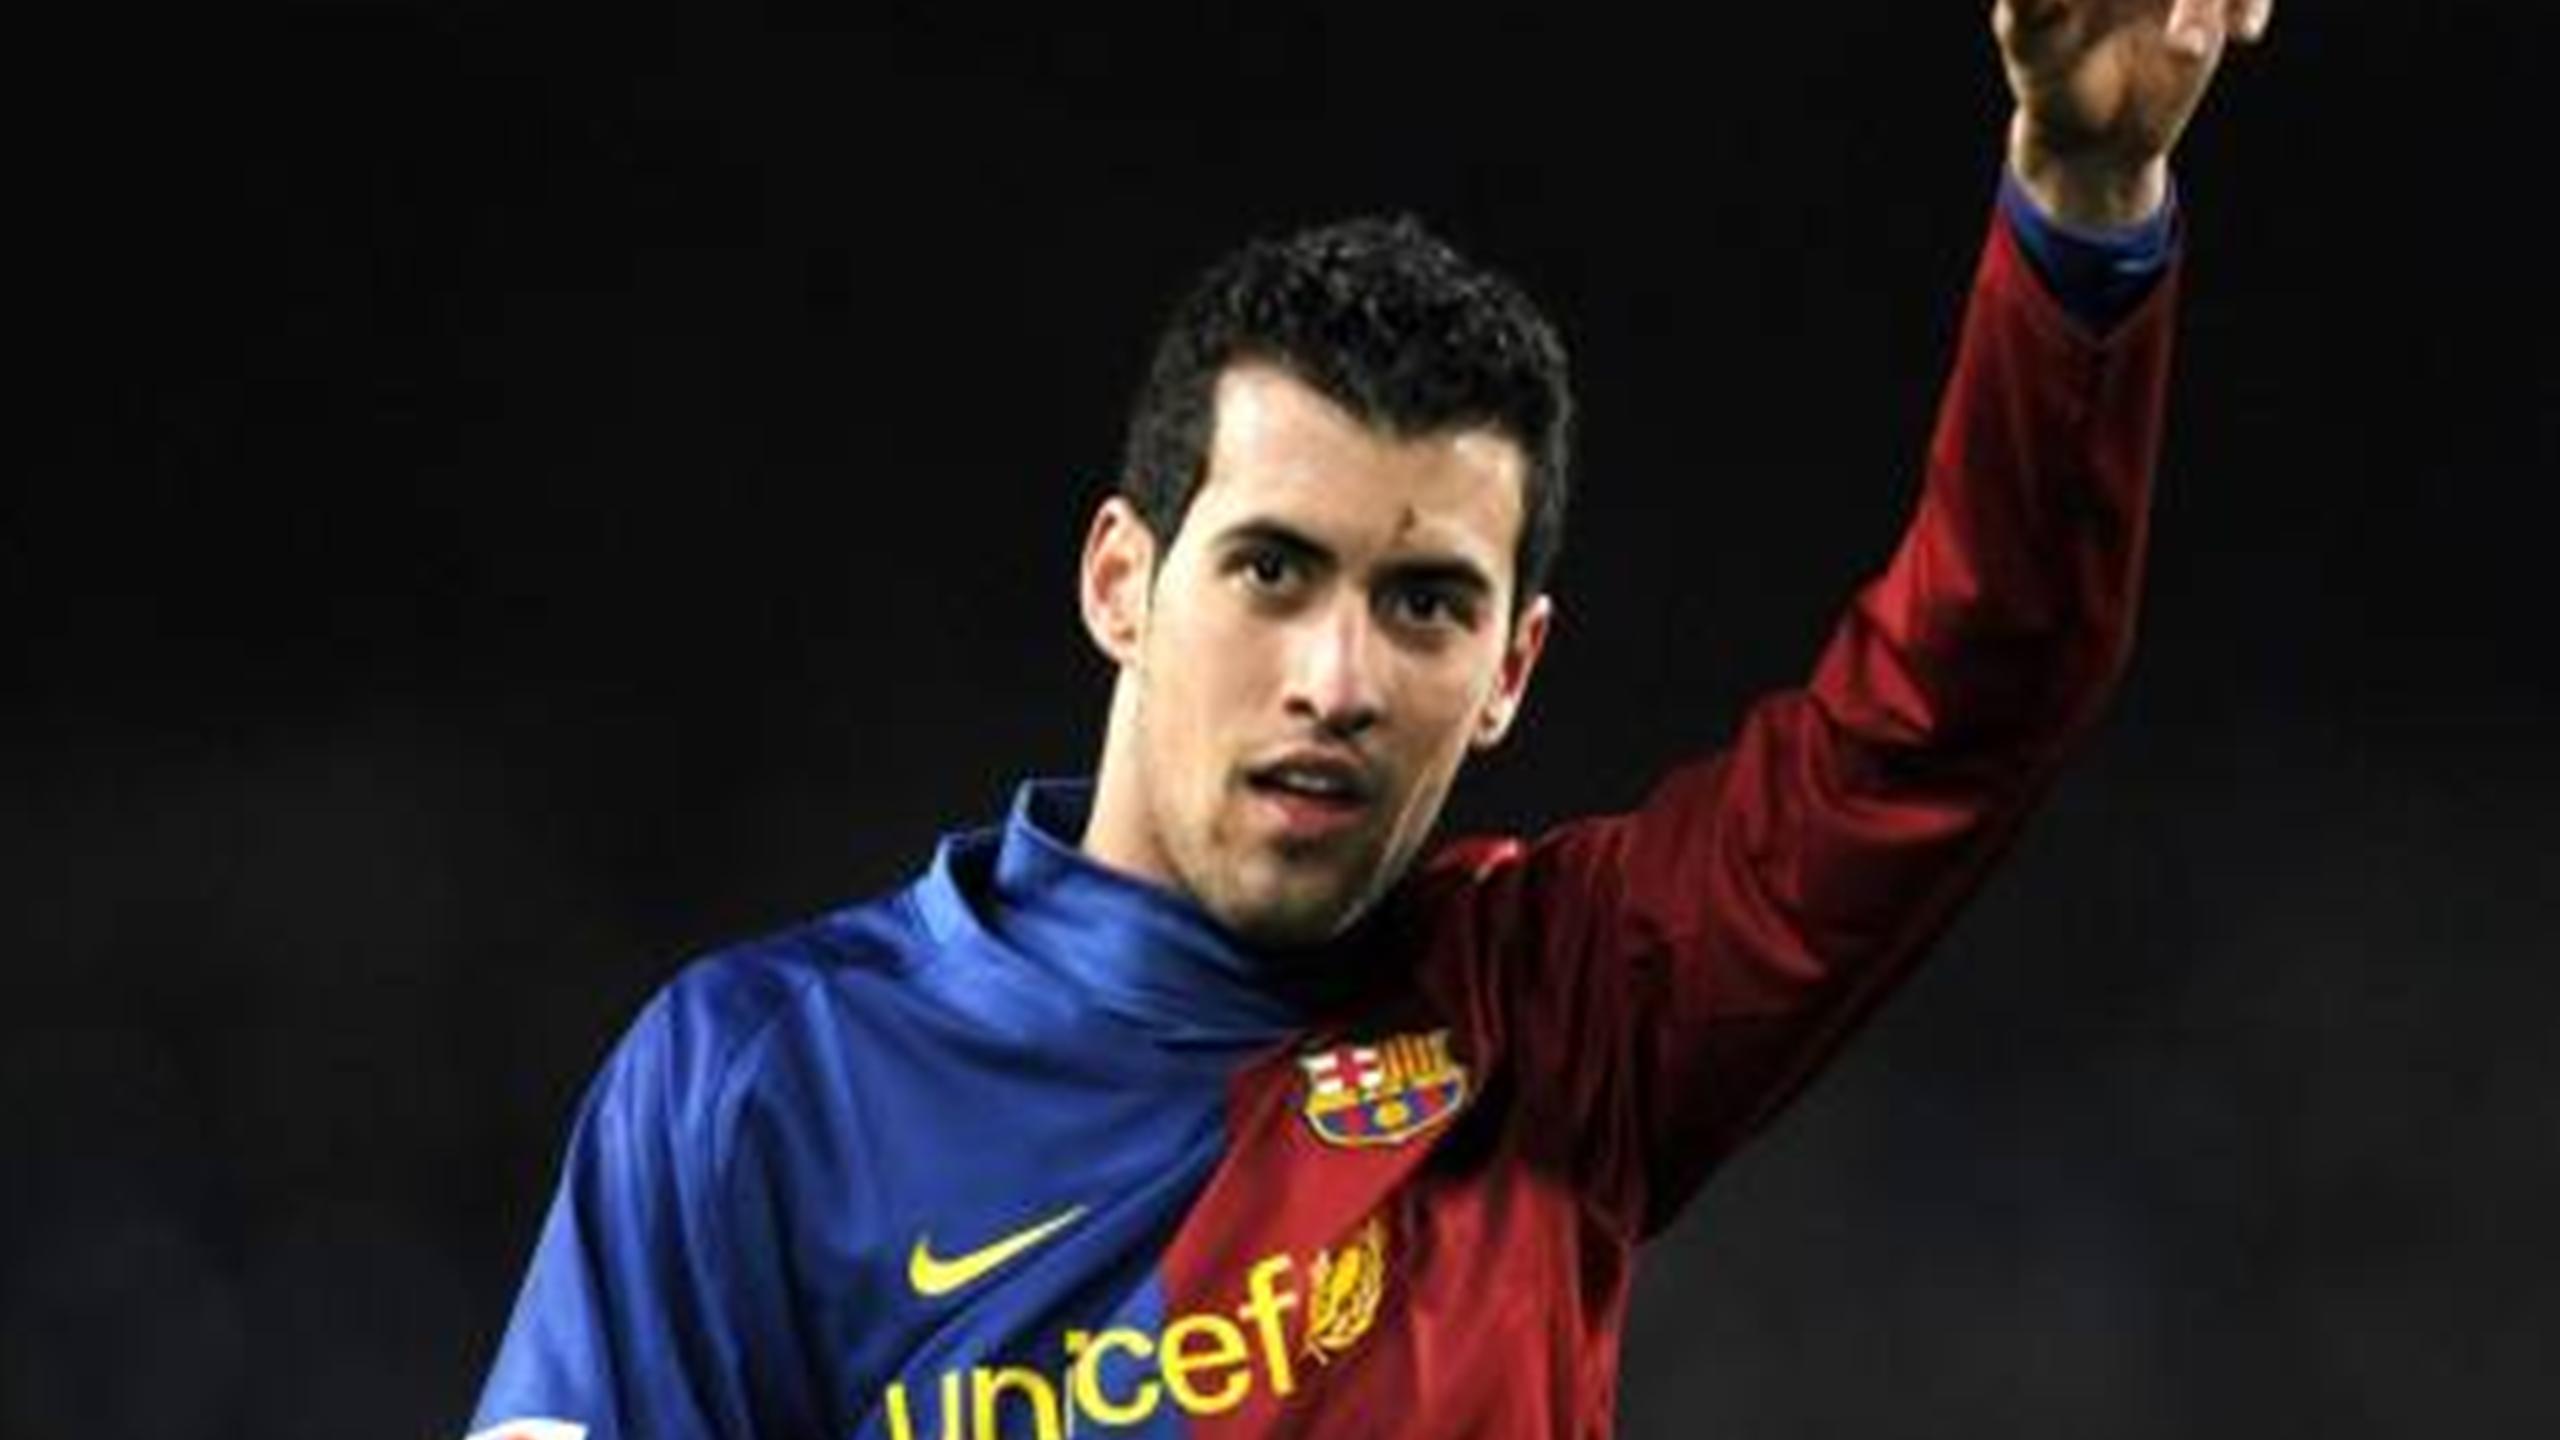 14 тур чемпионата испании по футболу 2009- 2010